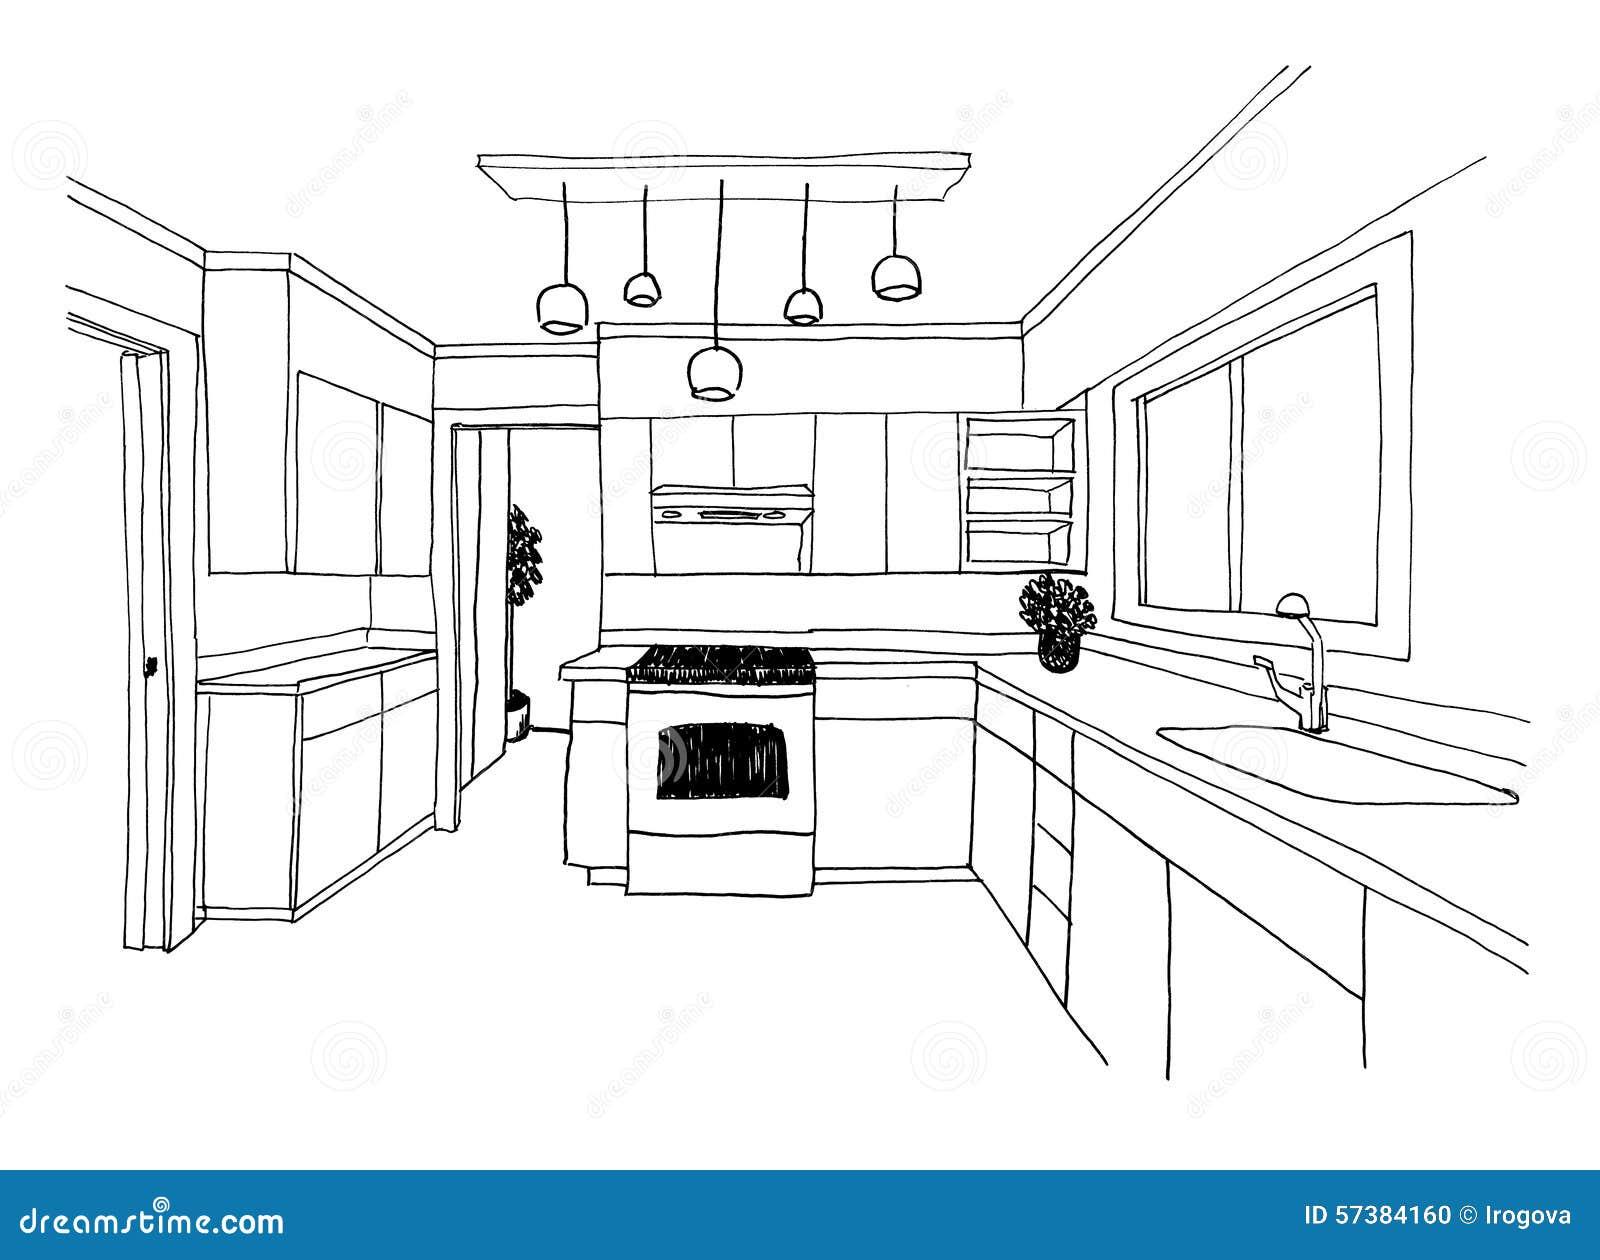 Croquis Graphique La Cuisine Illustration Stock Image 57384160